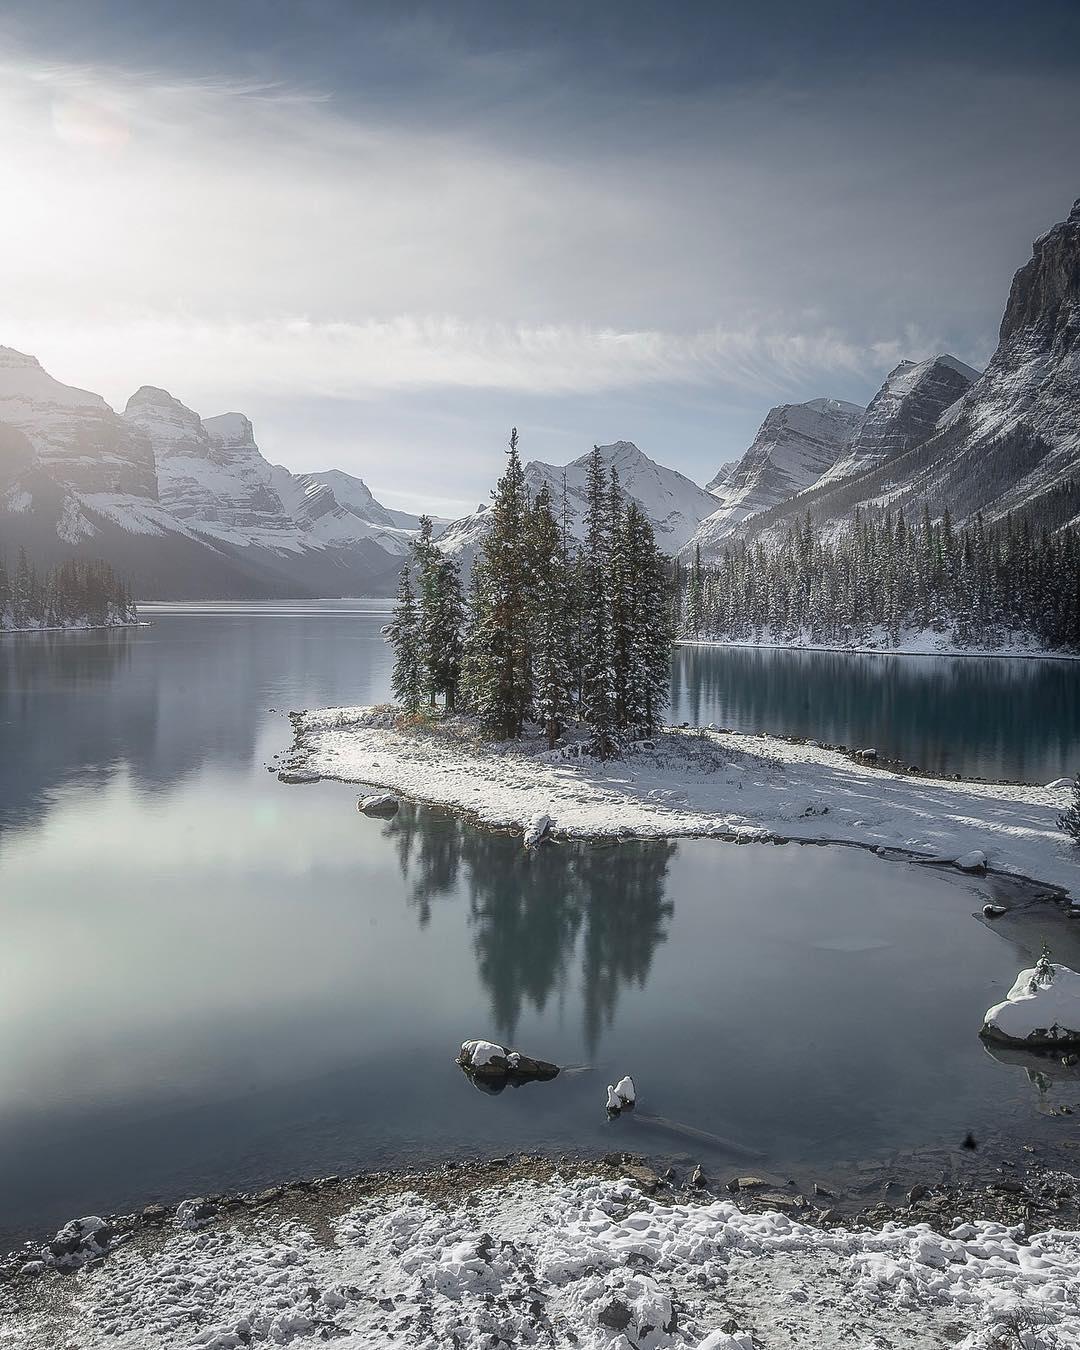 Фантастические снимки путешествий Майкла Сидофски